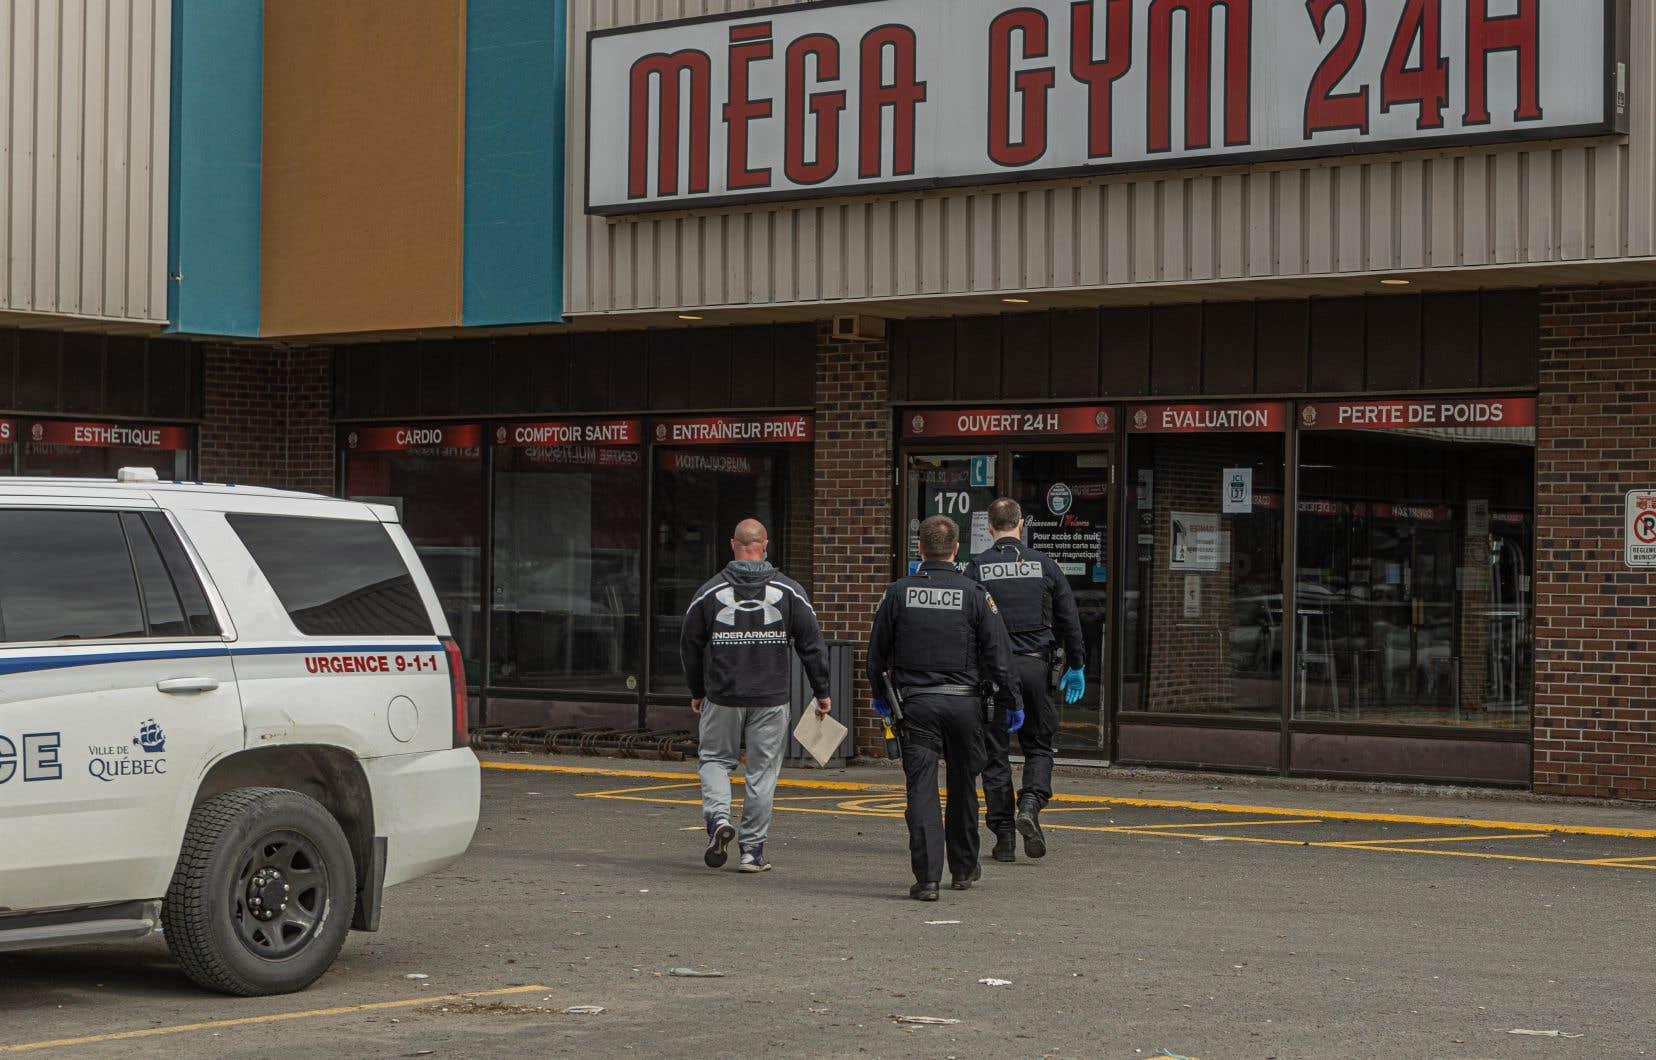 À ce jour, au moins 357 cas de COVID-19 sont liés à l'éclosion survenue au Mega Fitness Gym de Québec.